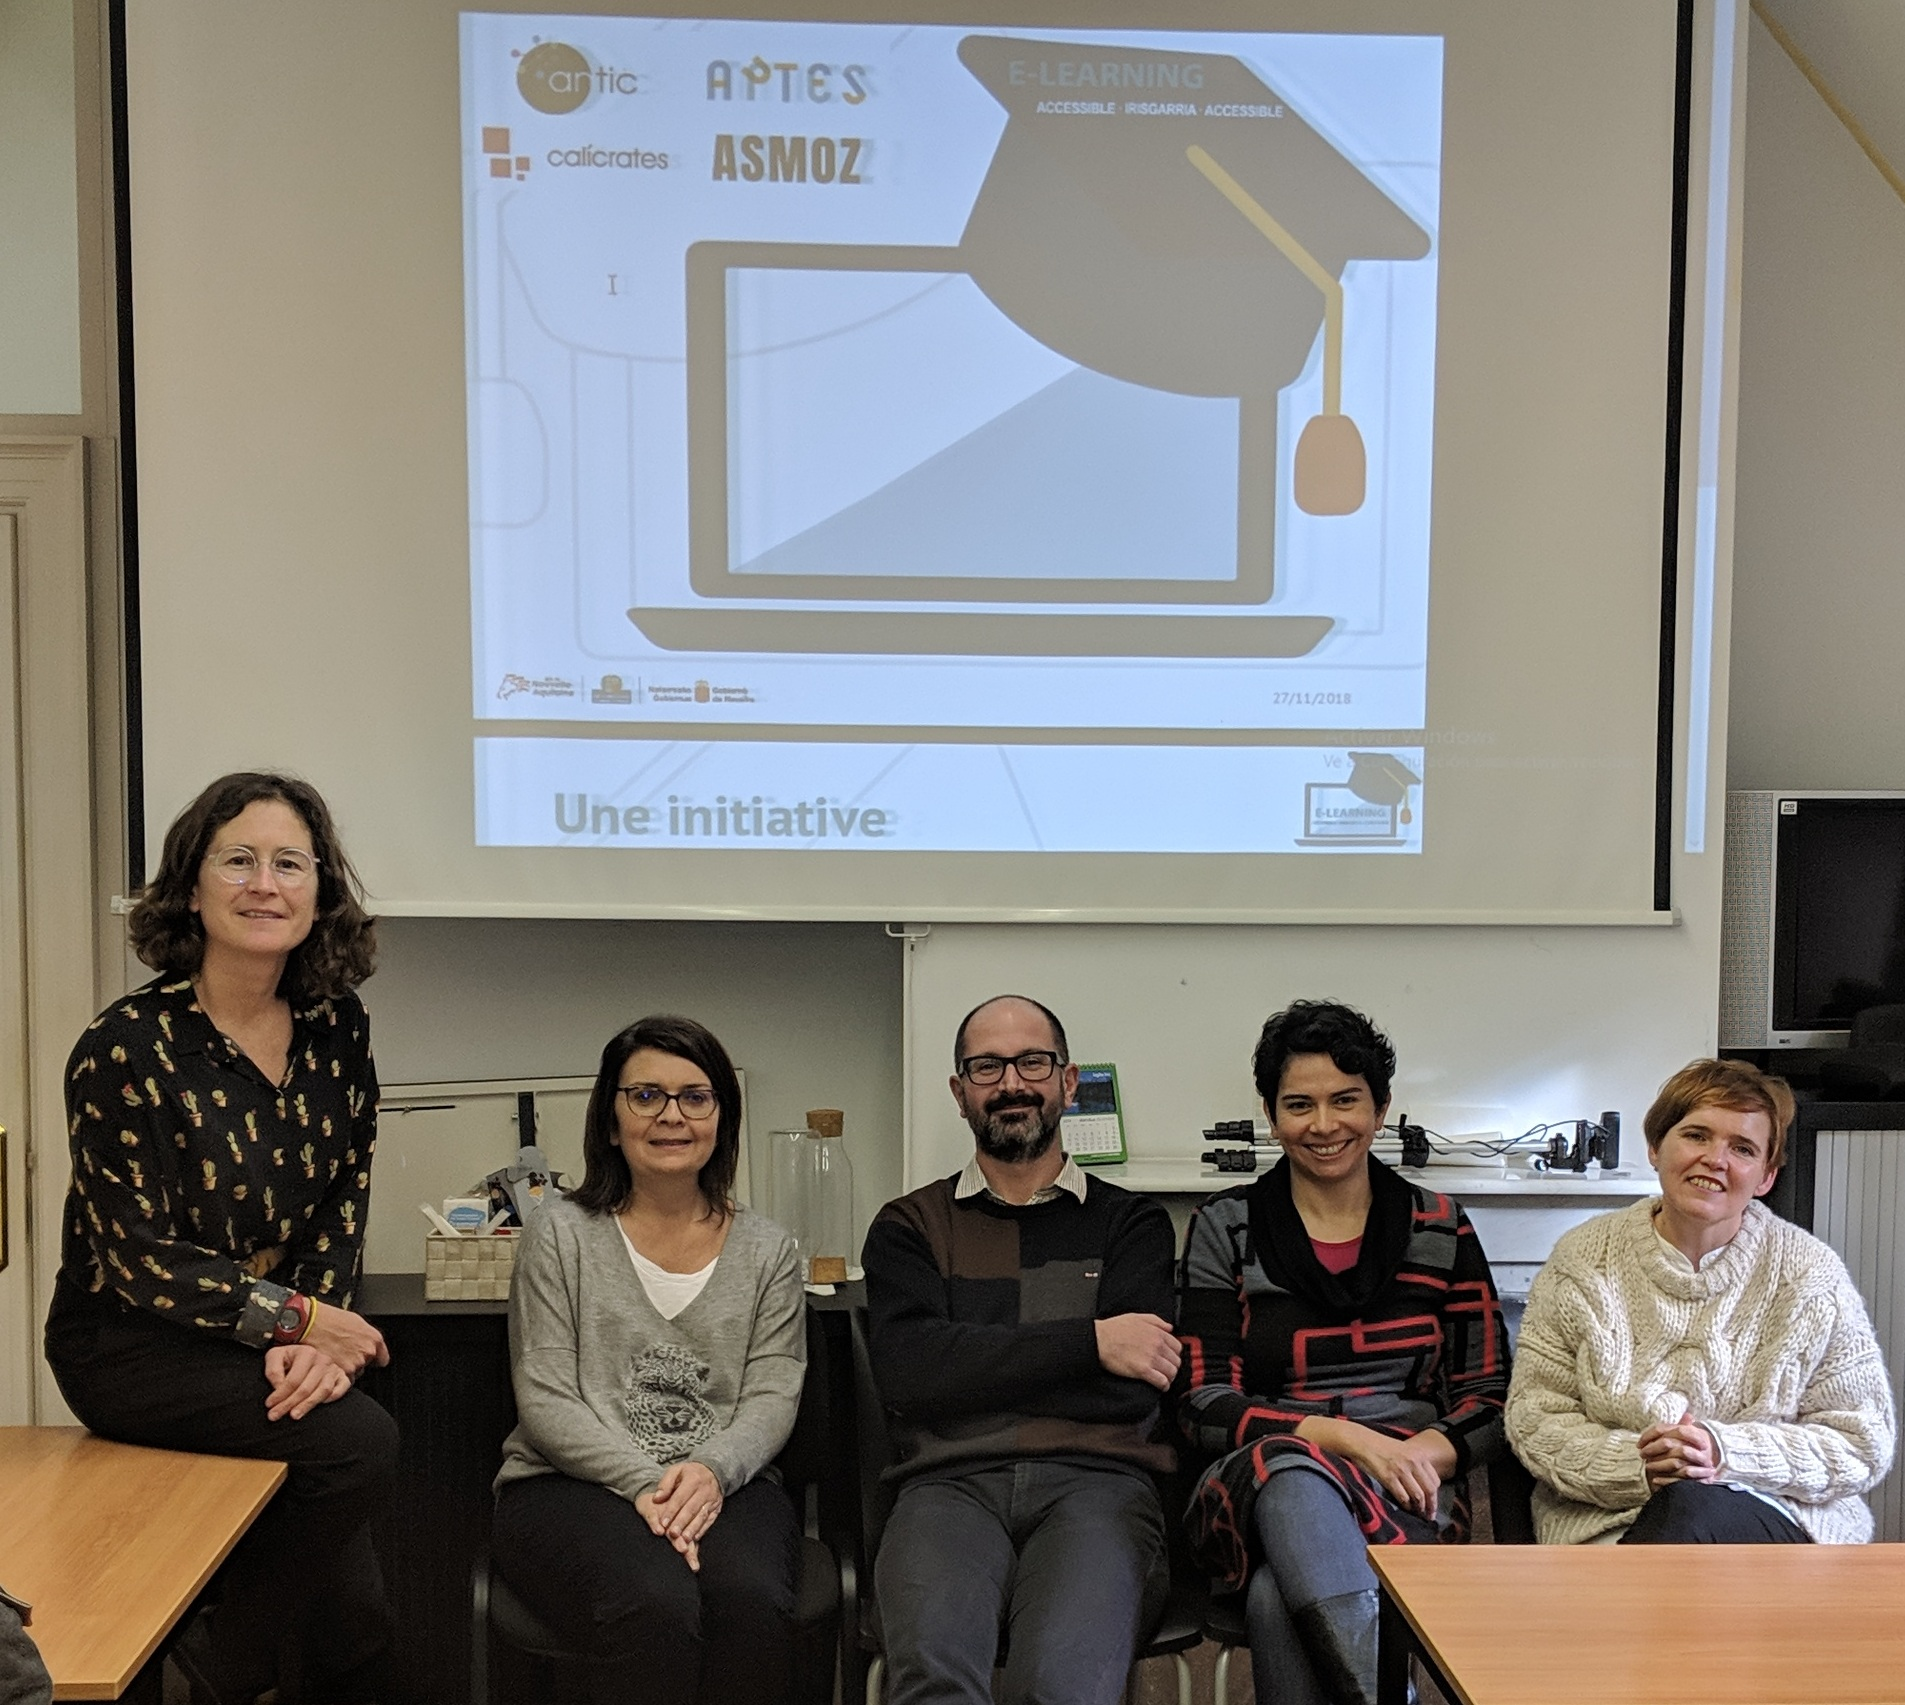 5 personas sentadas mirando a cámara, con la imagen del logo del proyecto de E-learning Accesible